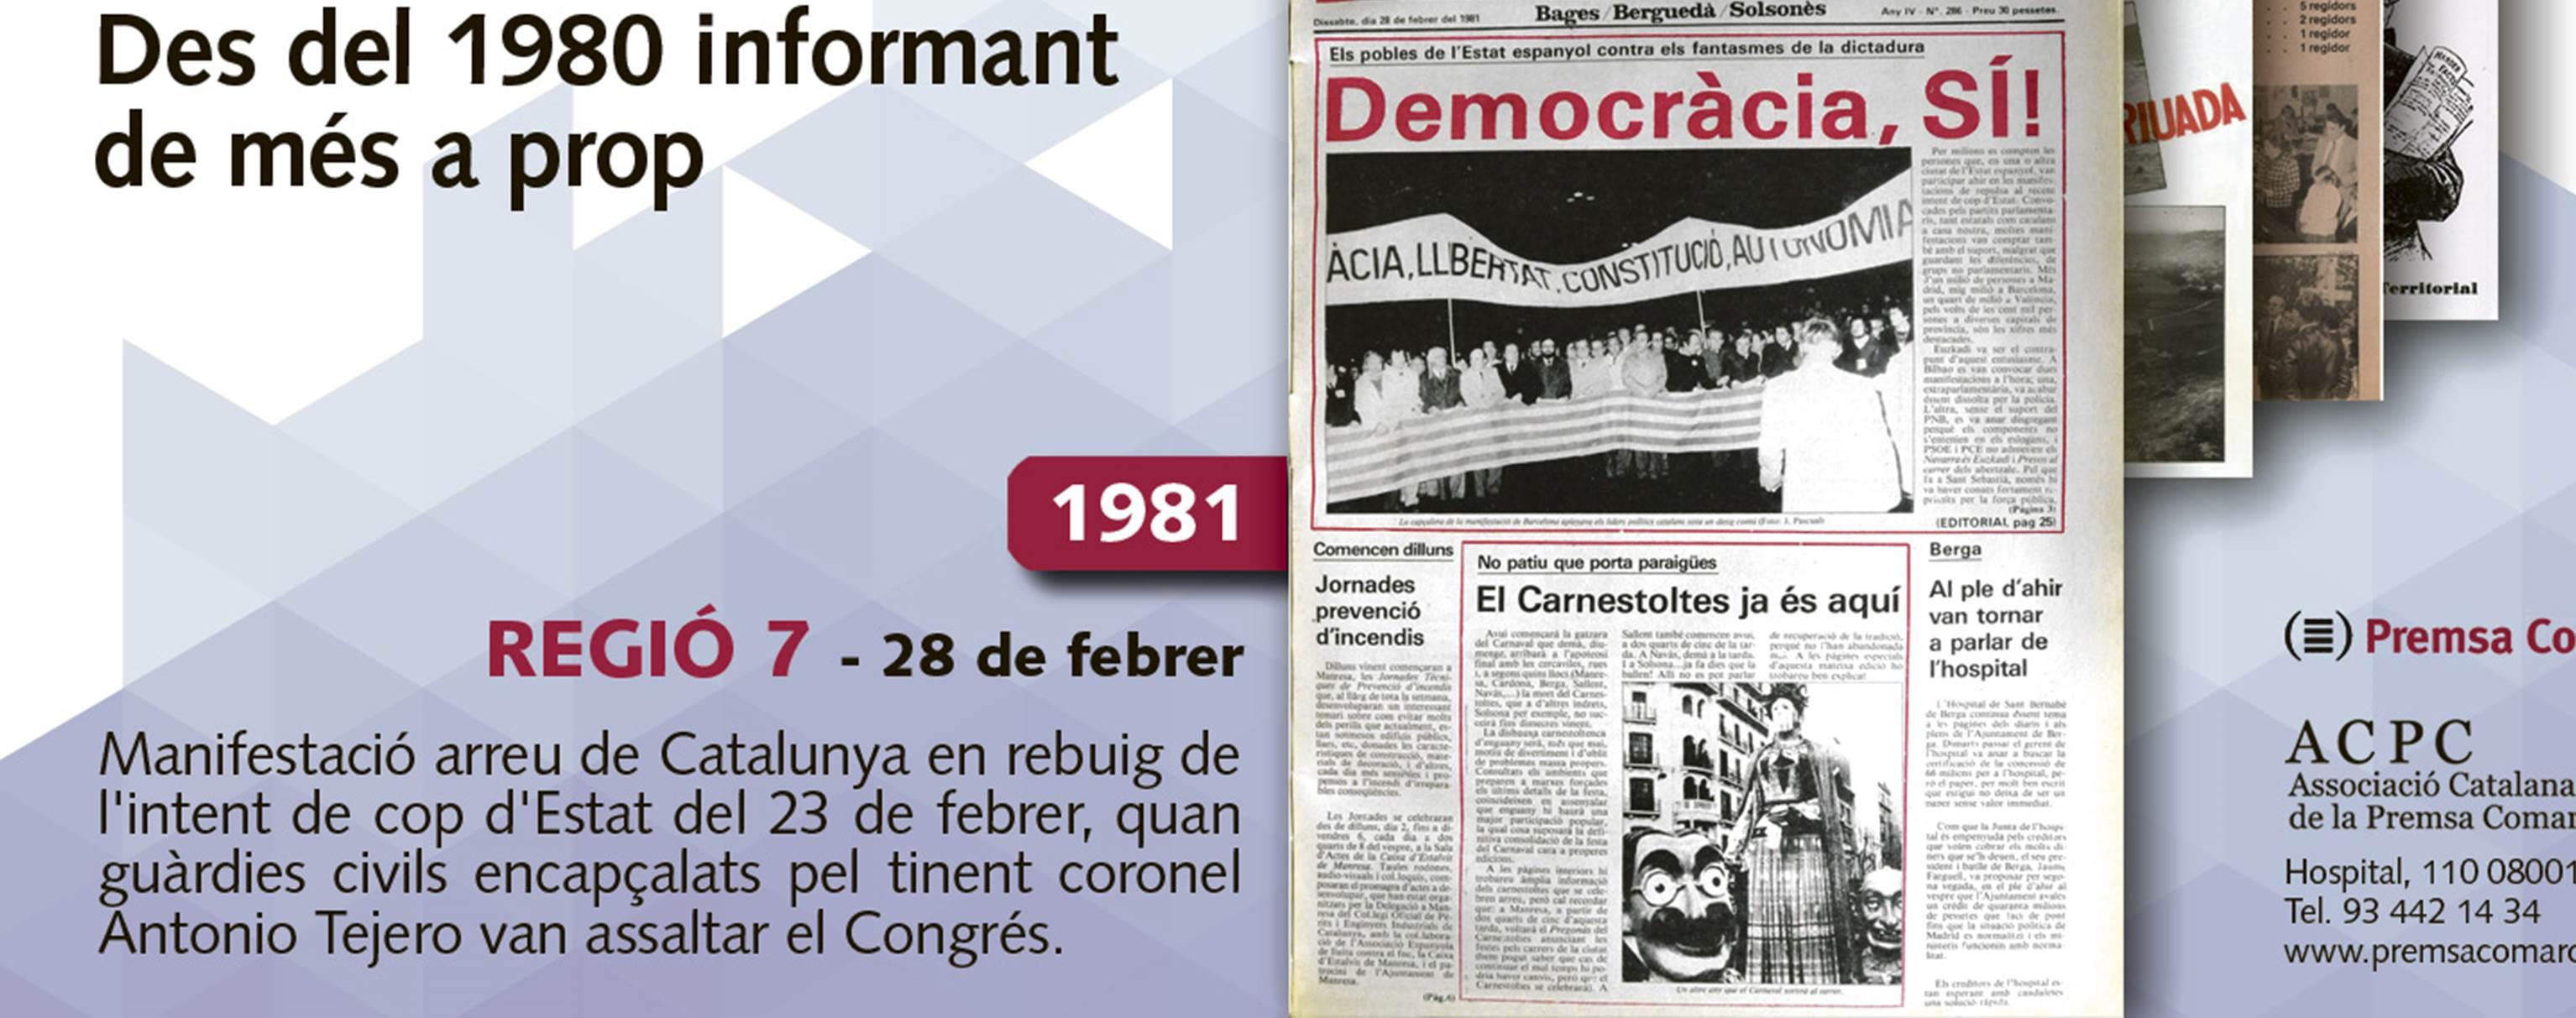 L'intent de cop d'estat del 81 vist per 'Regió 7', segona portada que celebra els 35 anys de l'ACPC